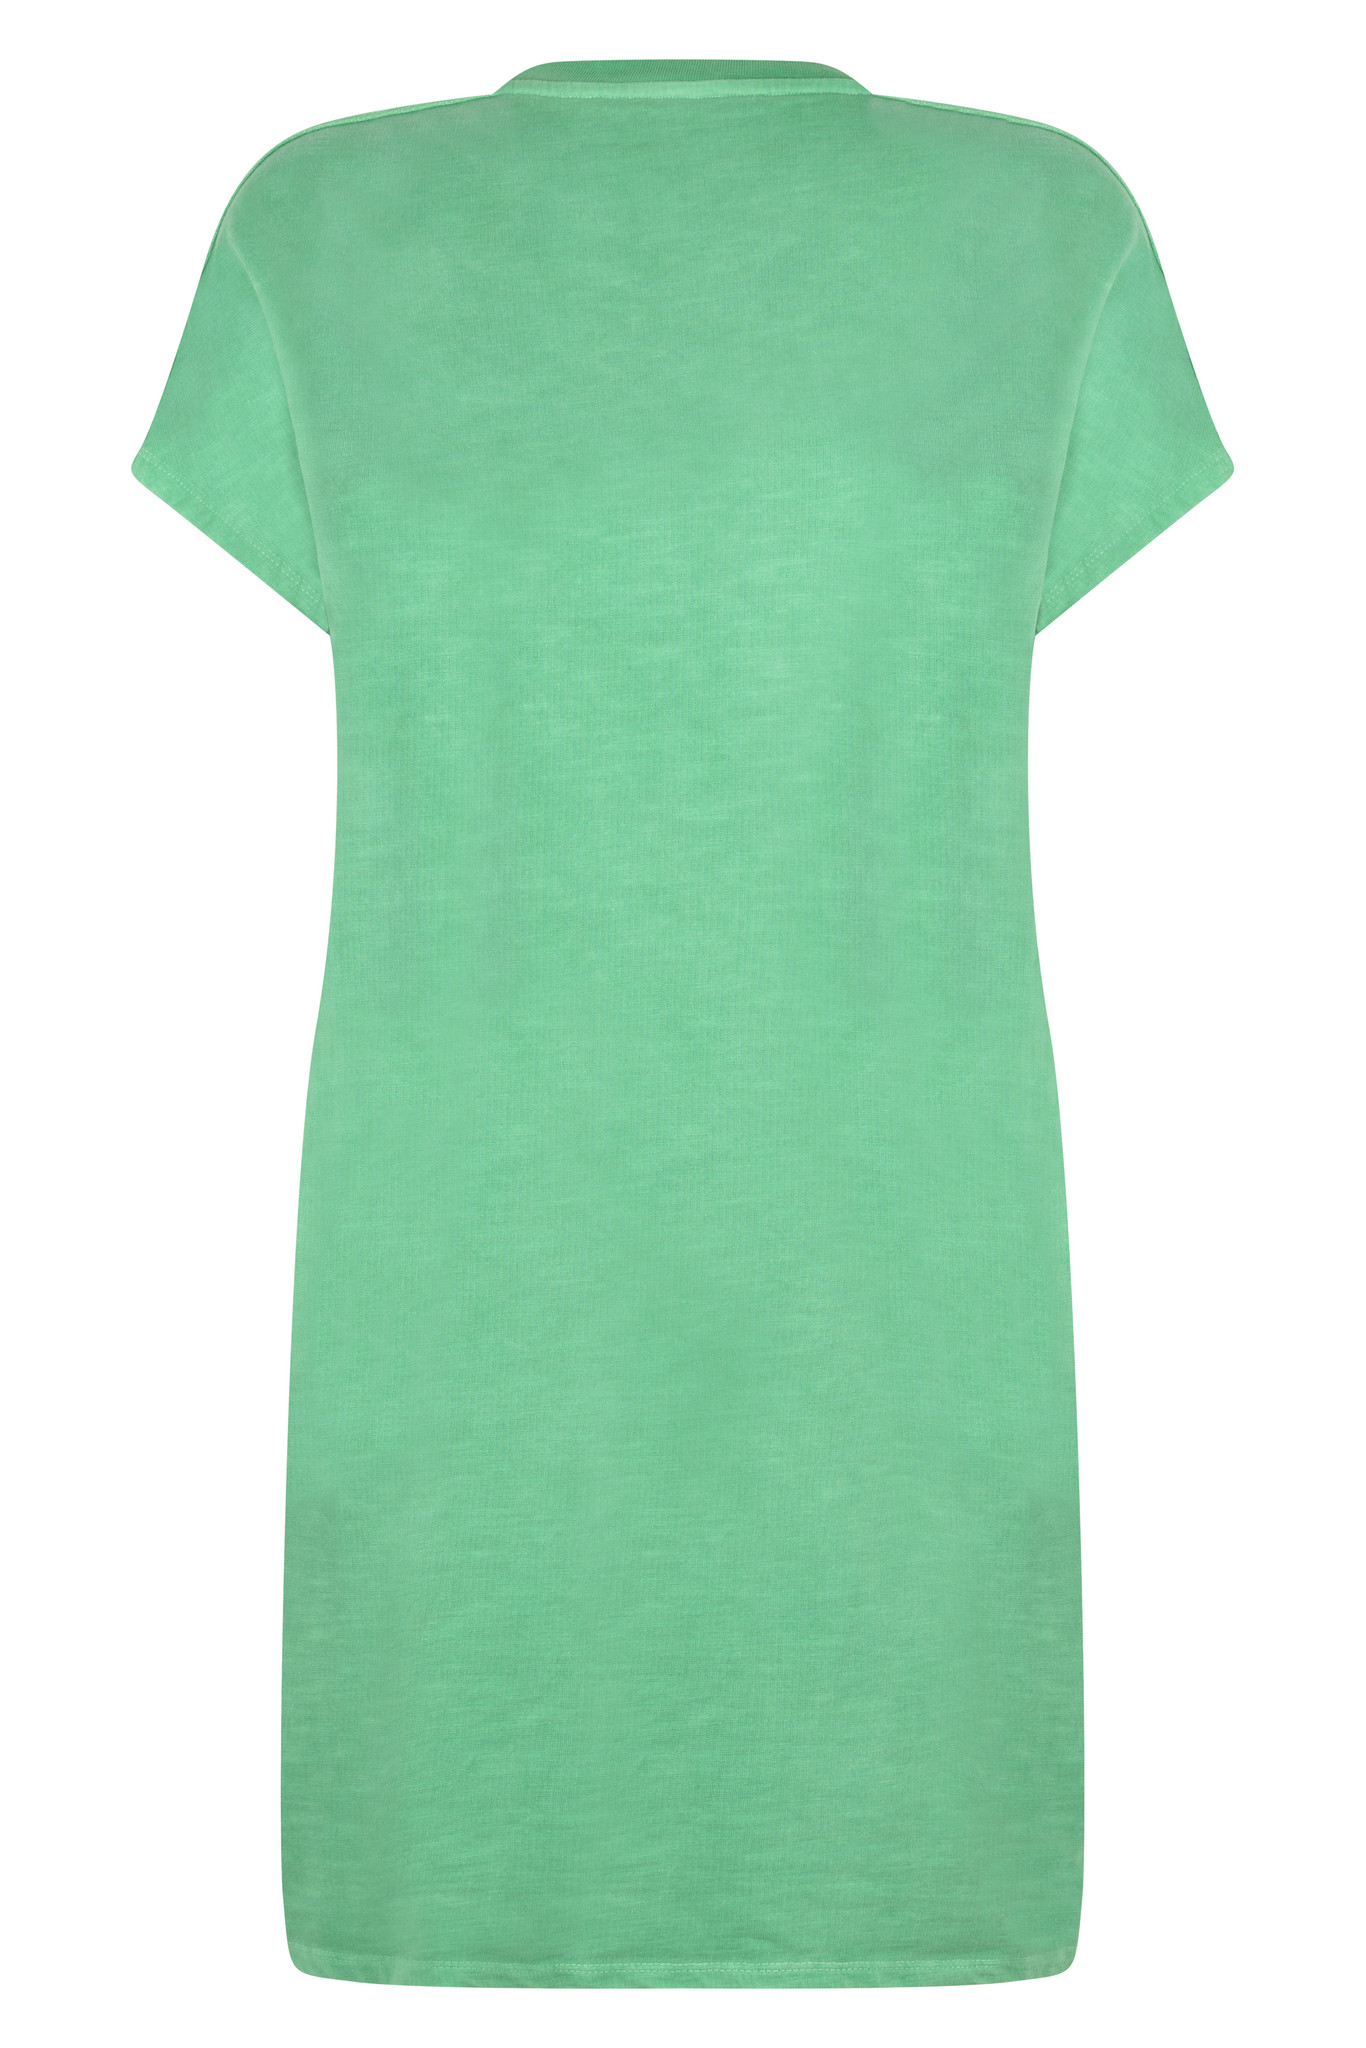 Zoso Zoso Summery jurk dye garment green